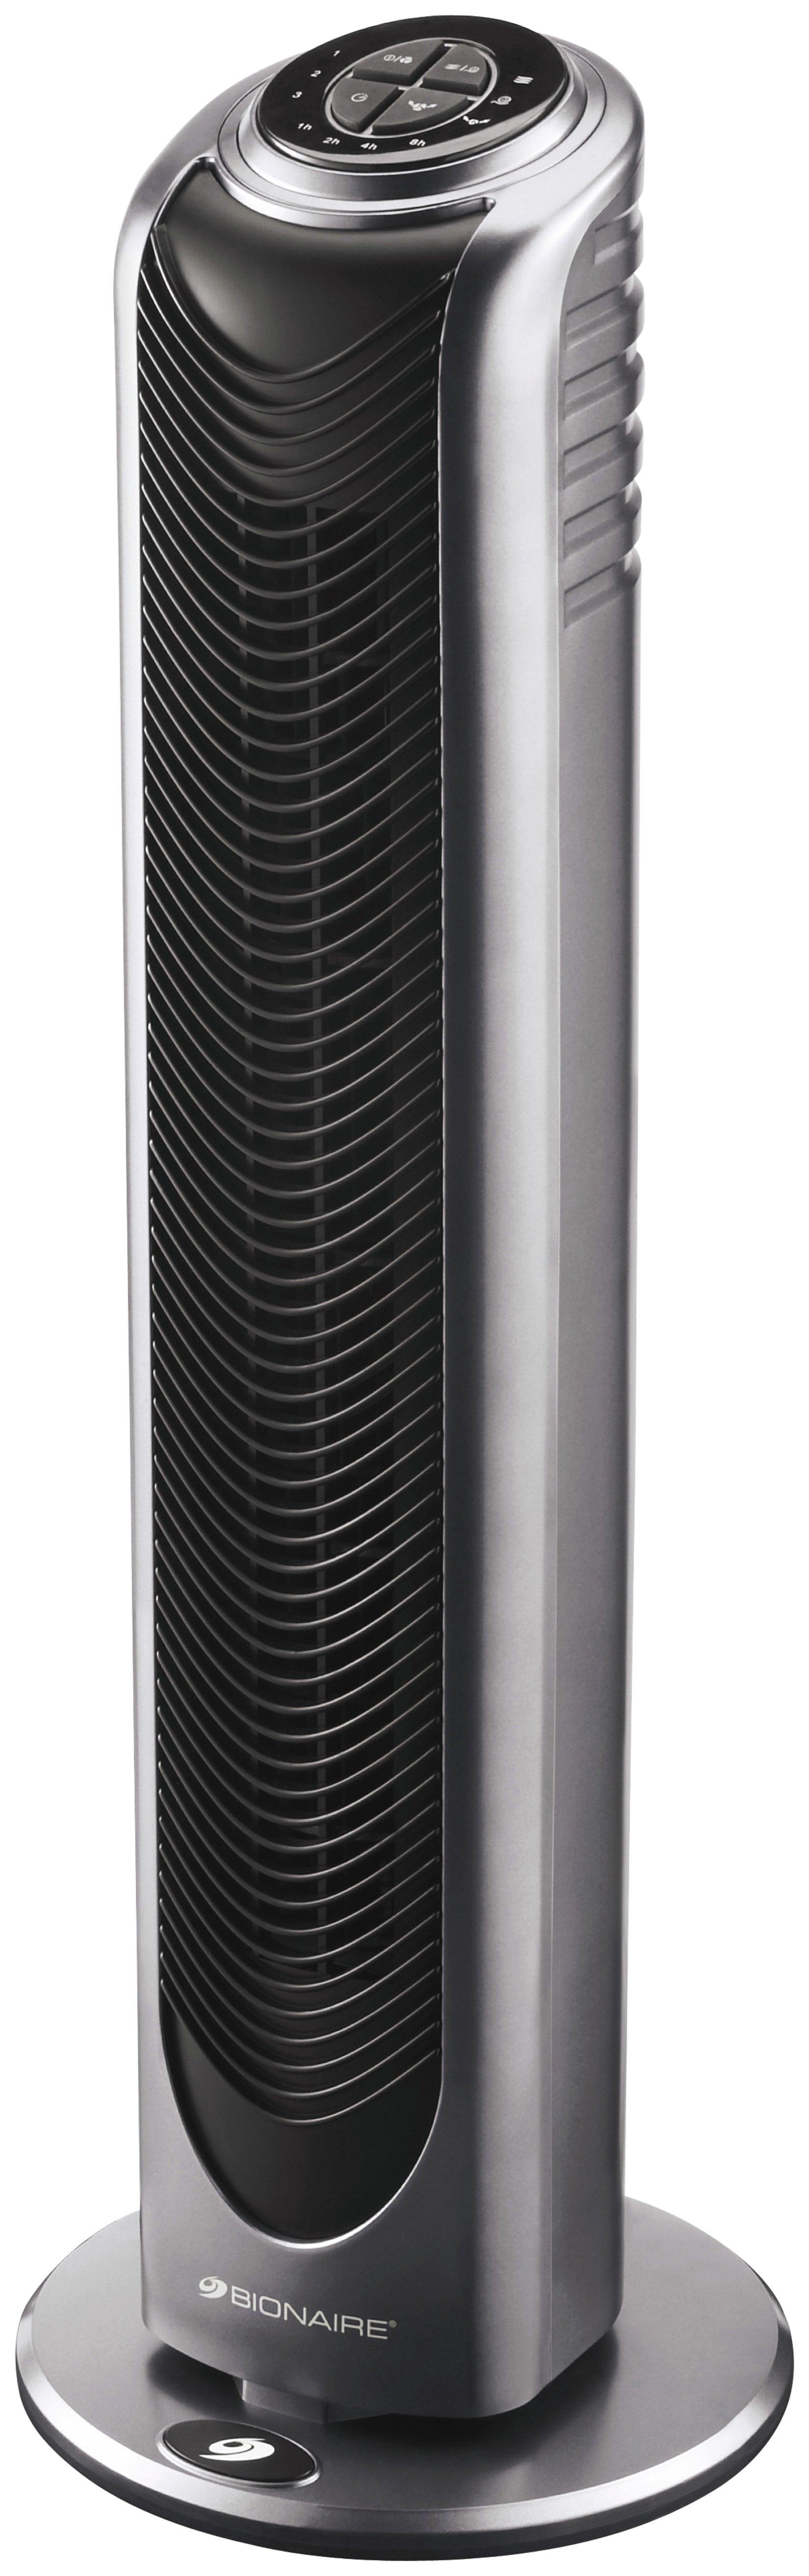 Bionaire Black Tower Fan